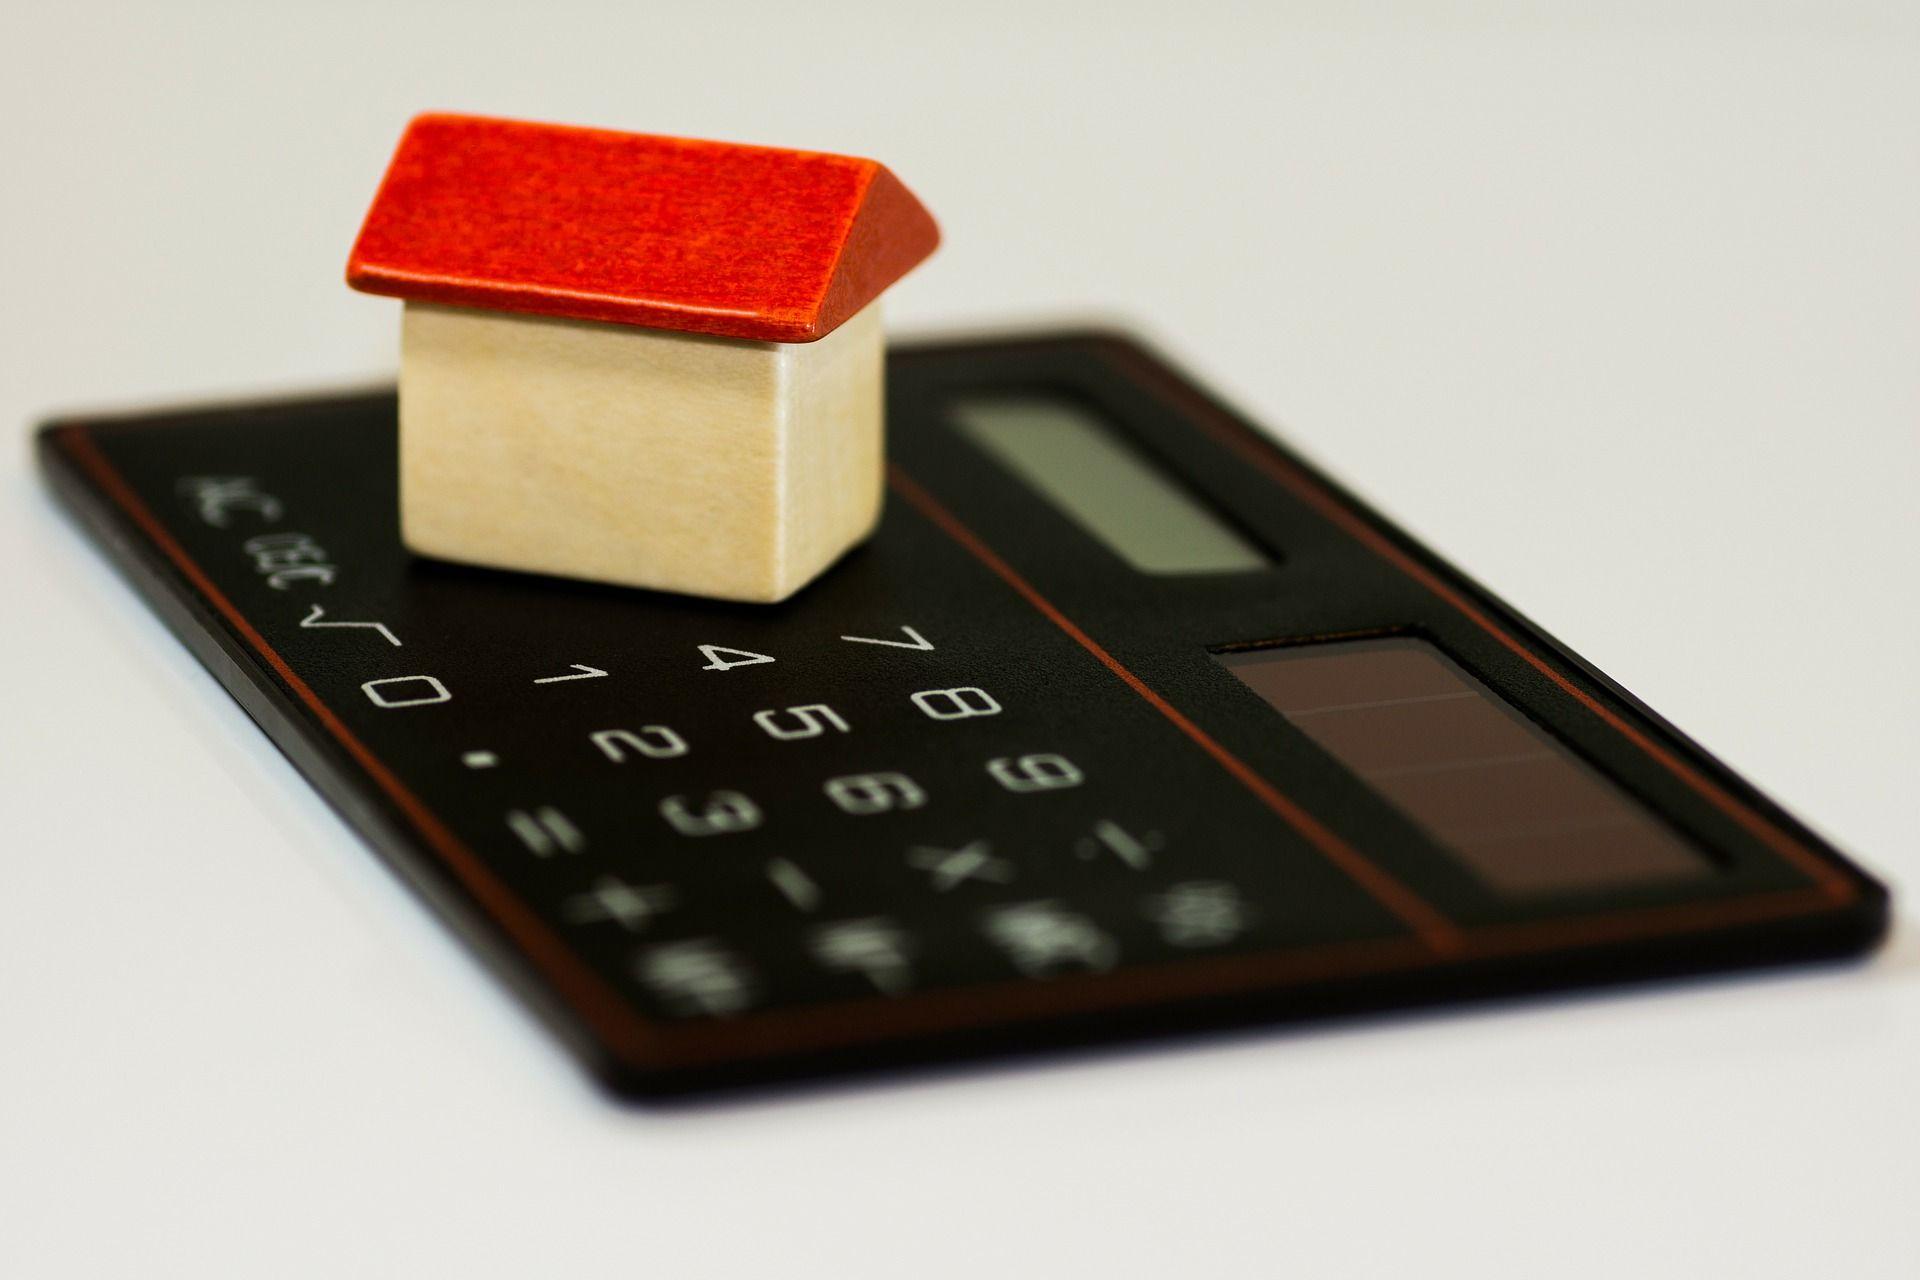 Calculadoras hipotecarias, excelentes herramientas de apoyo al comprar un inmueble.